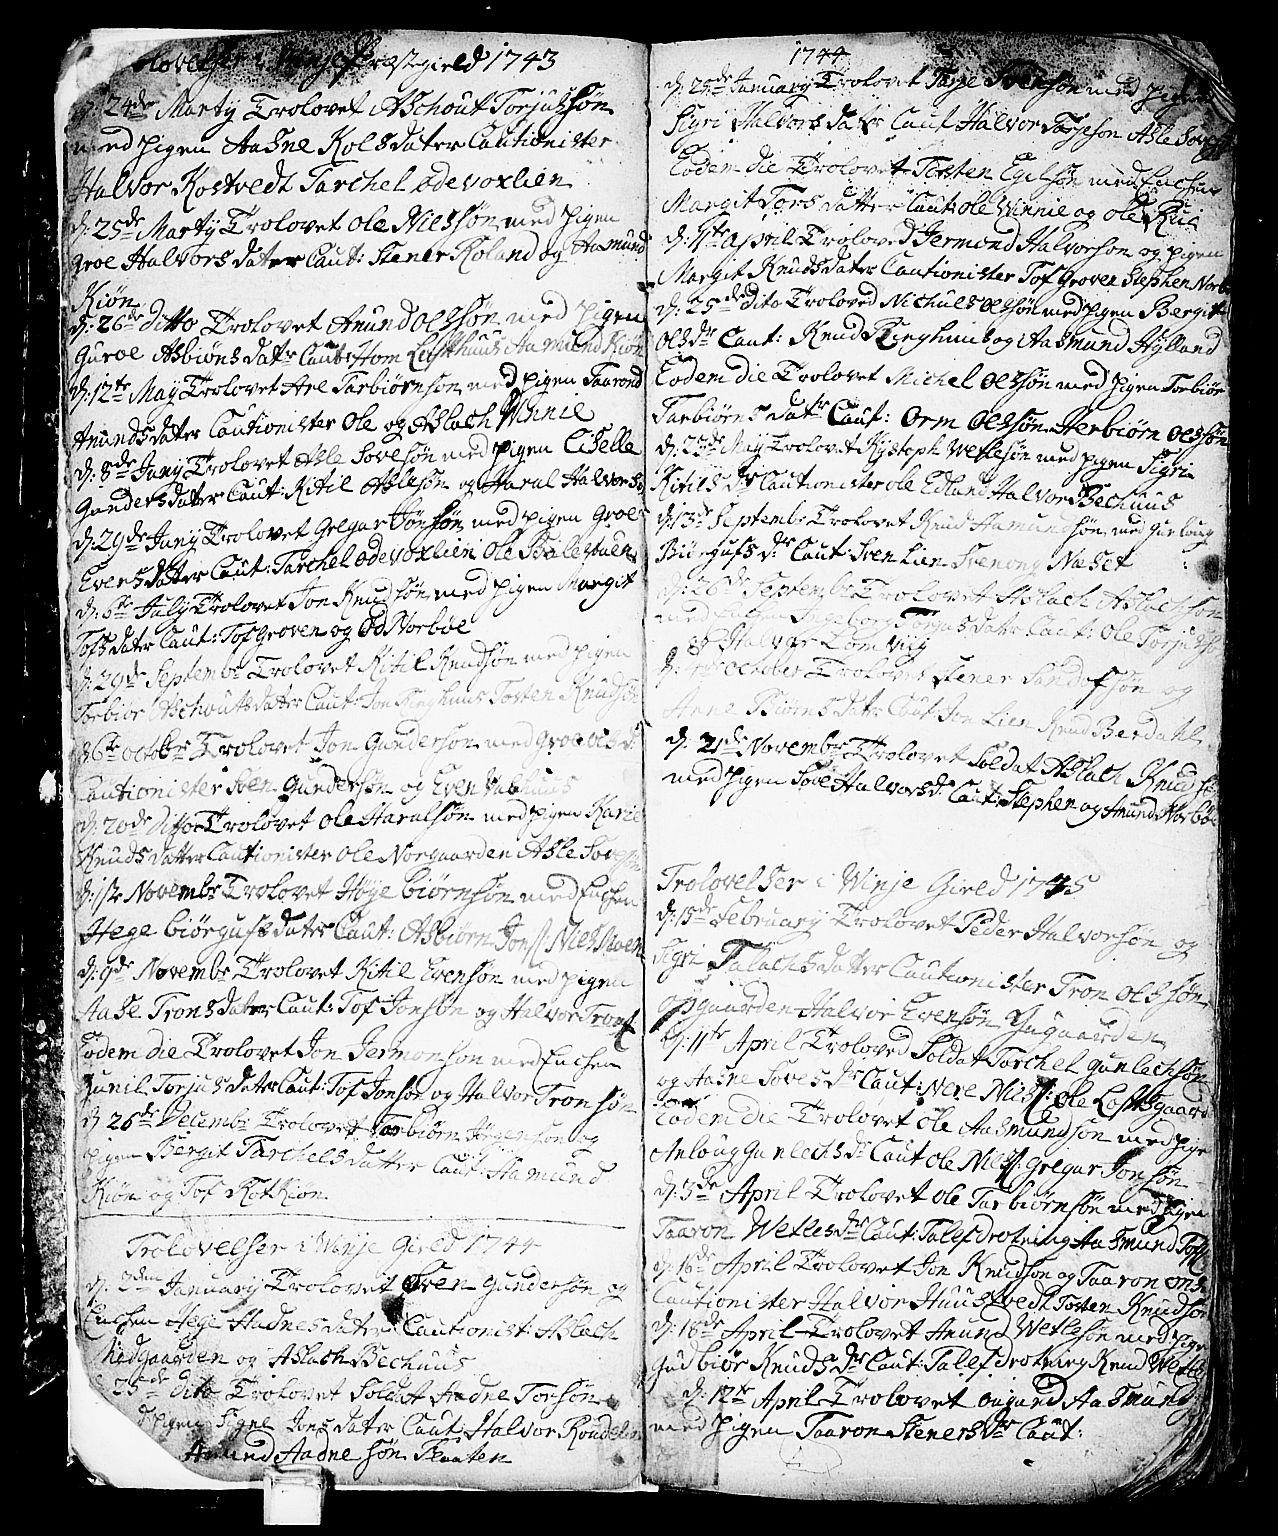 SAKO, Vinje kirkebøker, F/Fa/L0001: Ministerialbok nr. I 1, 1717-1766, s. 9